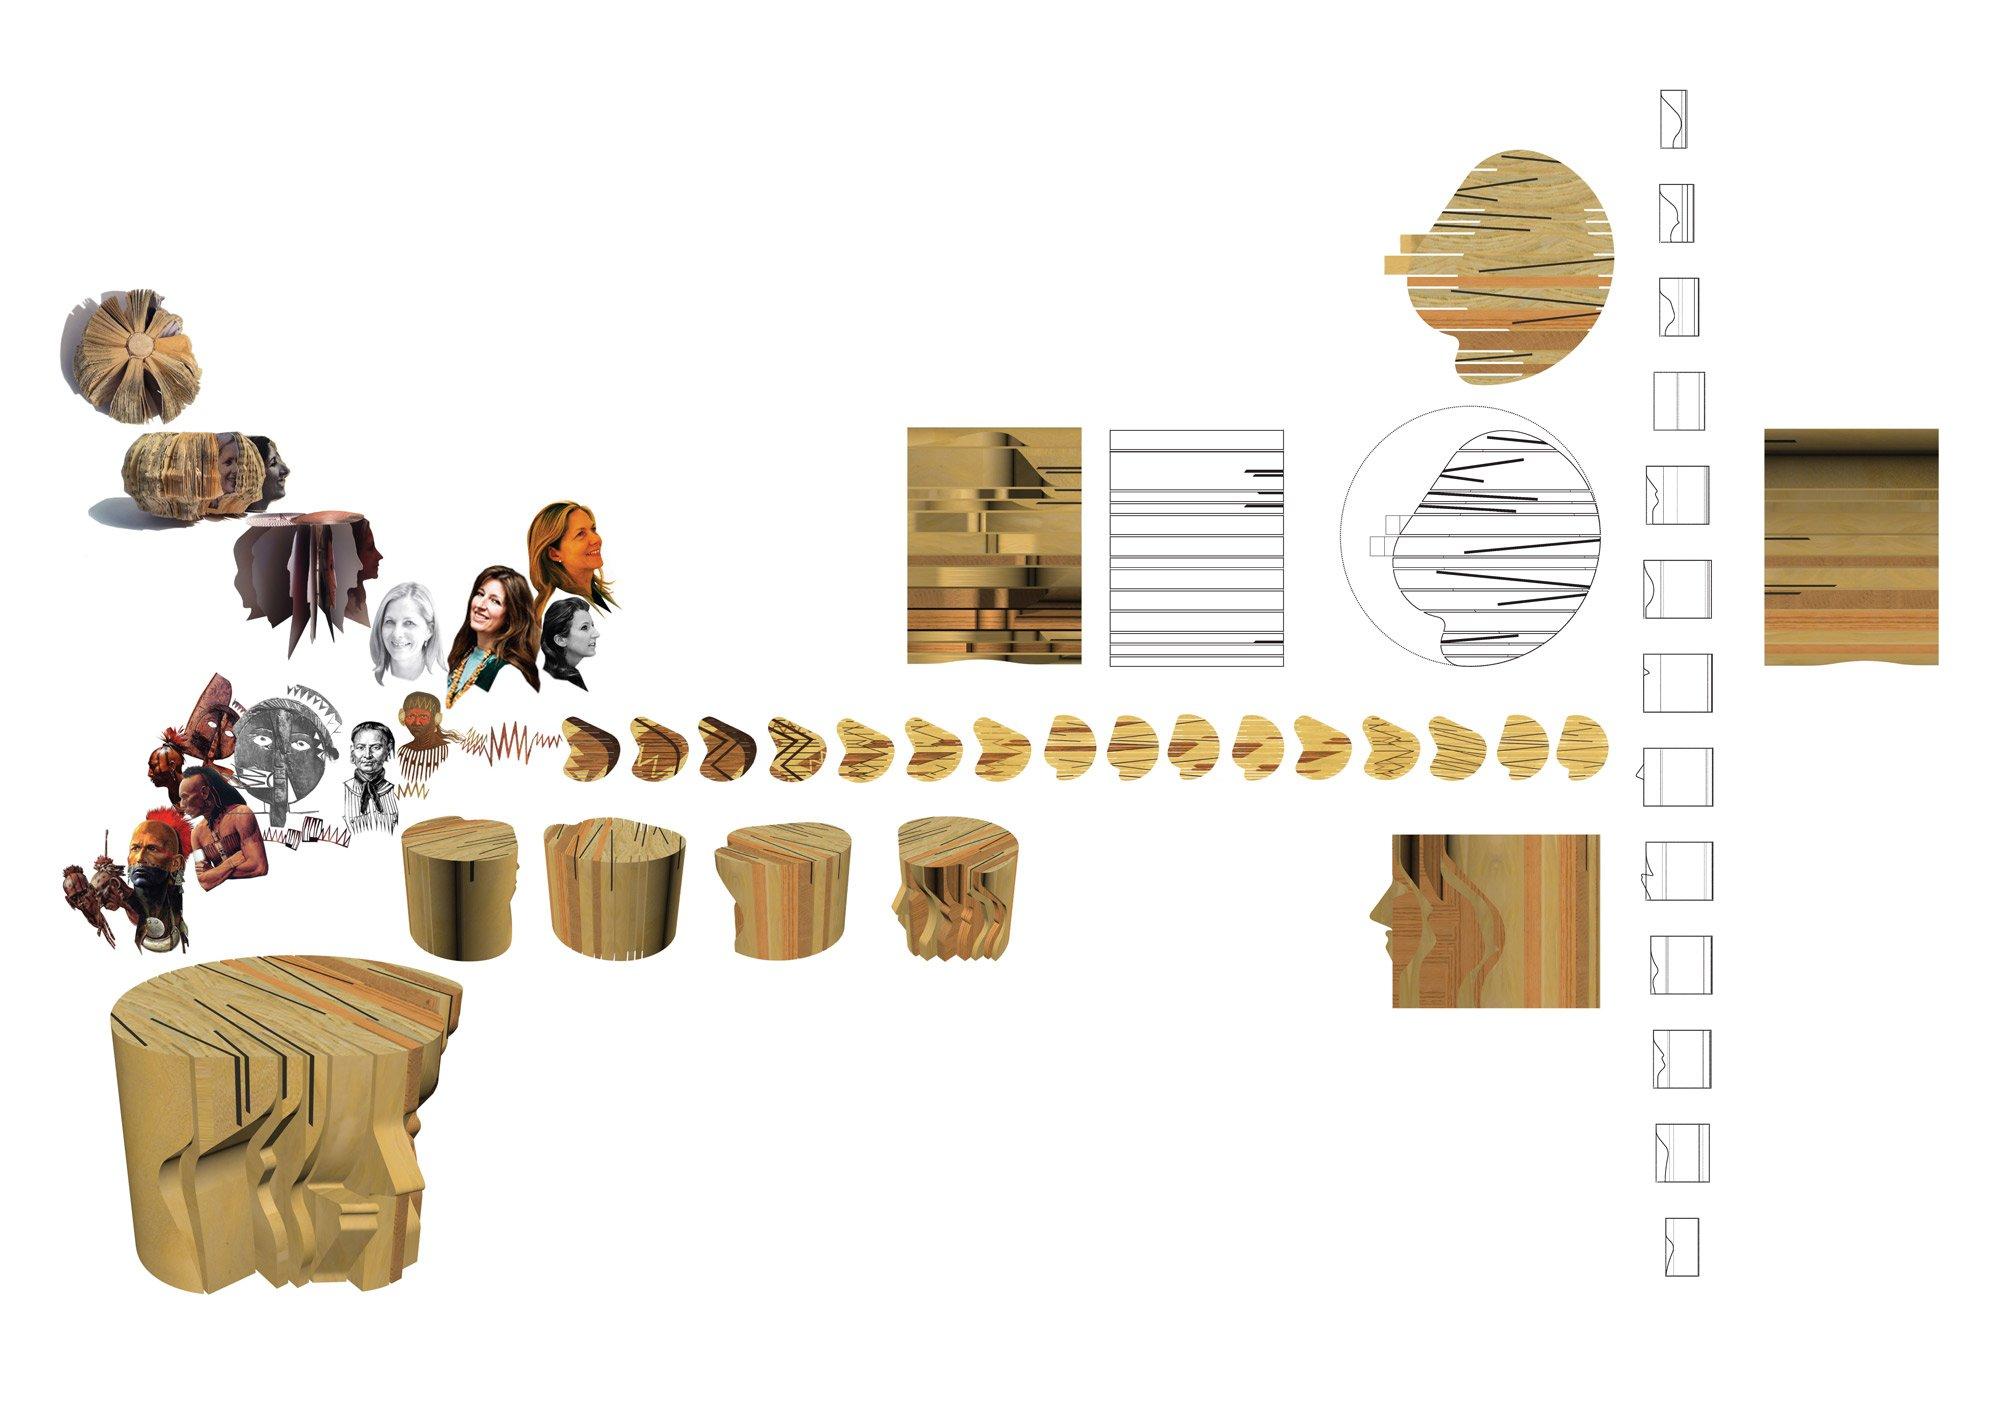 Initial design ideas for 'Profiles' tables © Benedetta Tagliabue (Miralles Tagliabue EMBT)